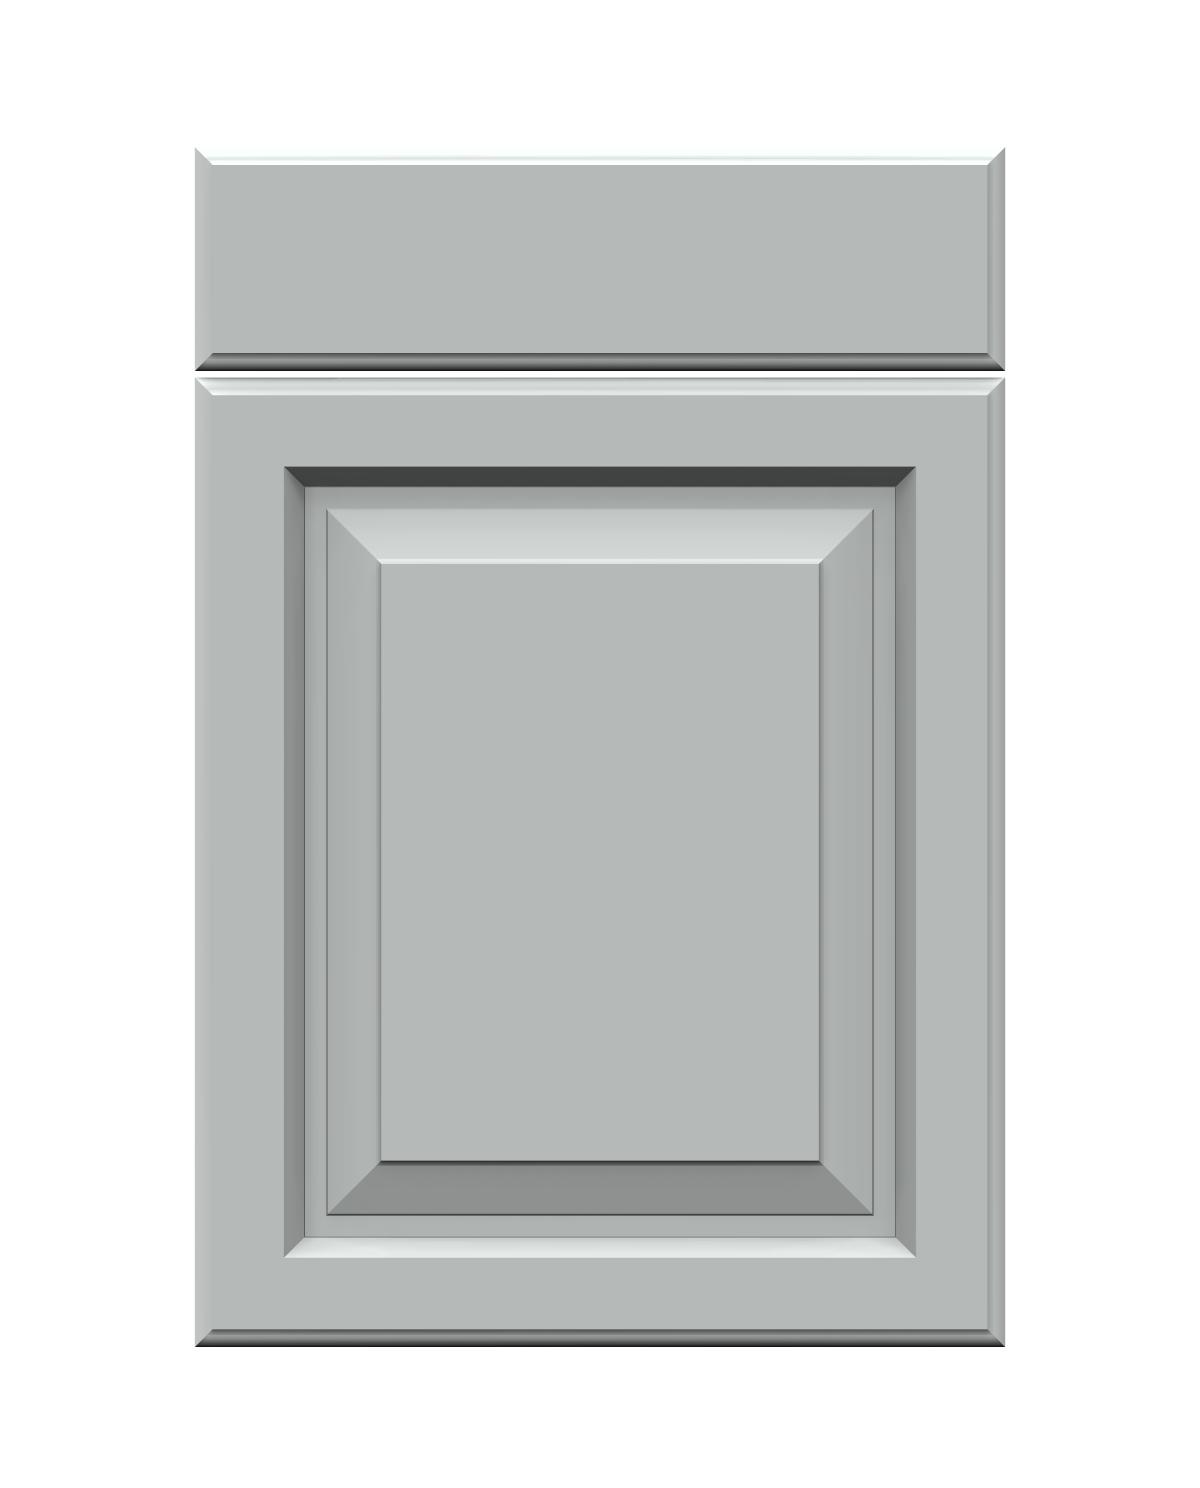 Keukenrenovatie Apparatuur : fronten